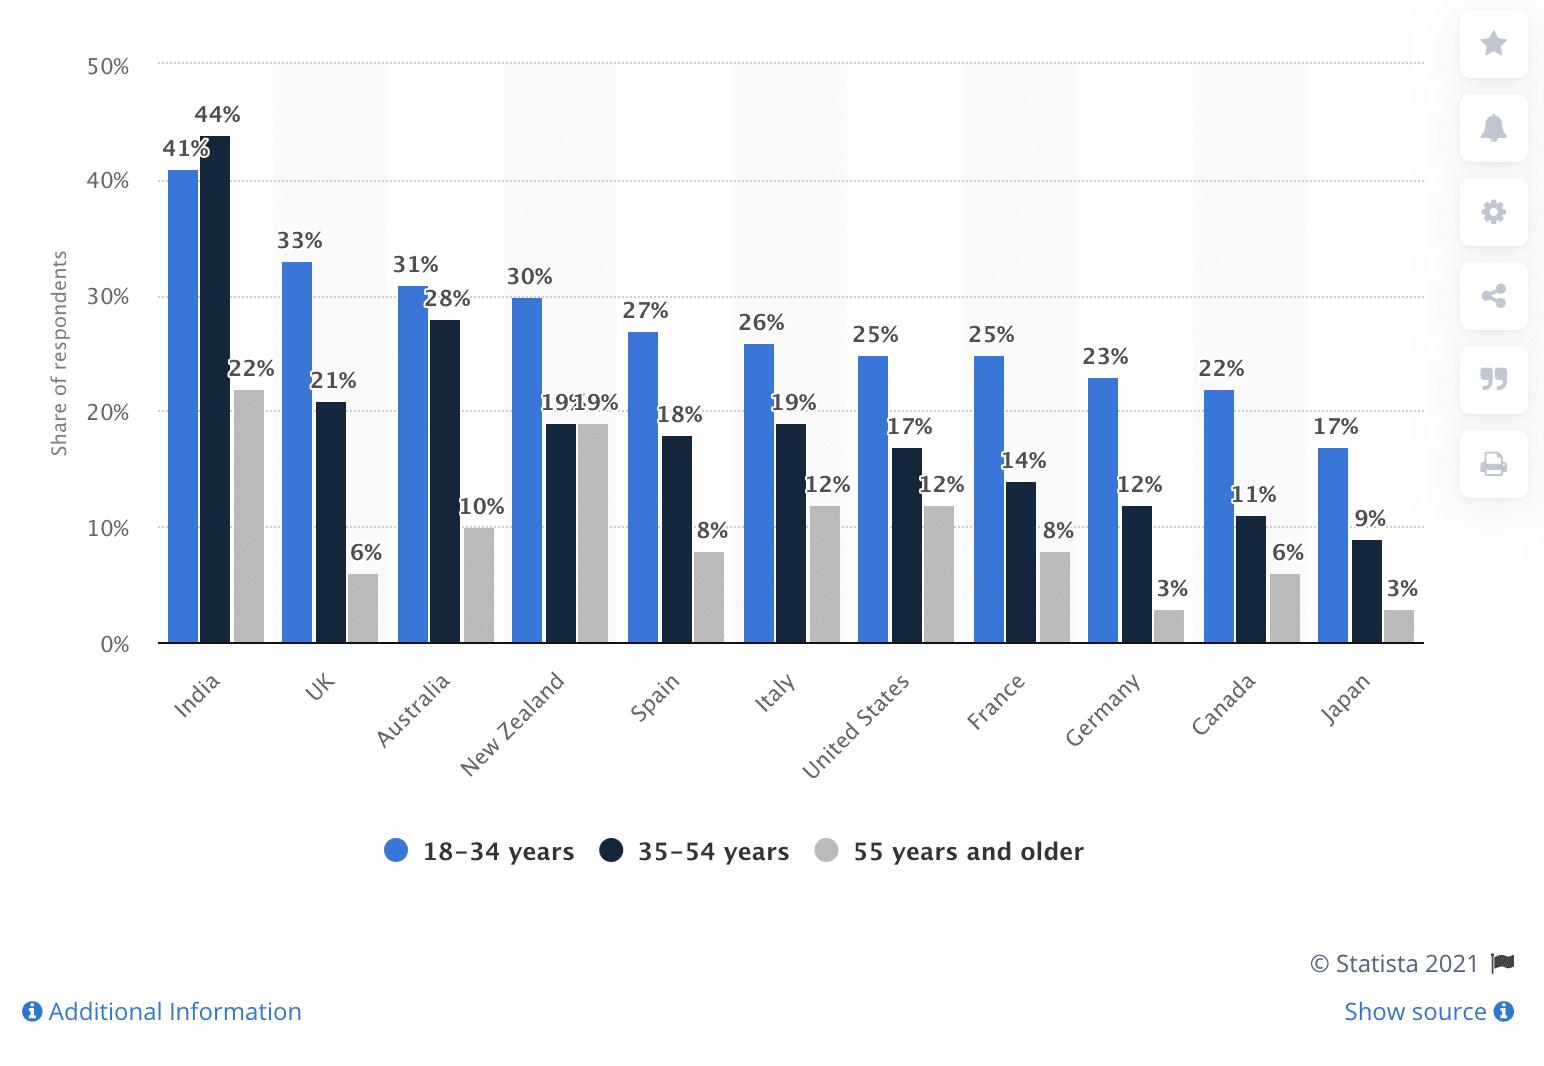 процент людей по странам, совершивших покупки через социальные сети